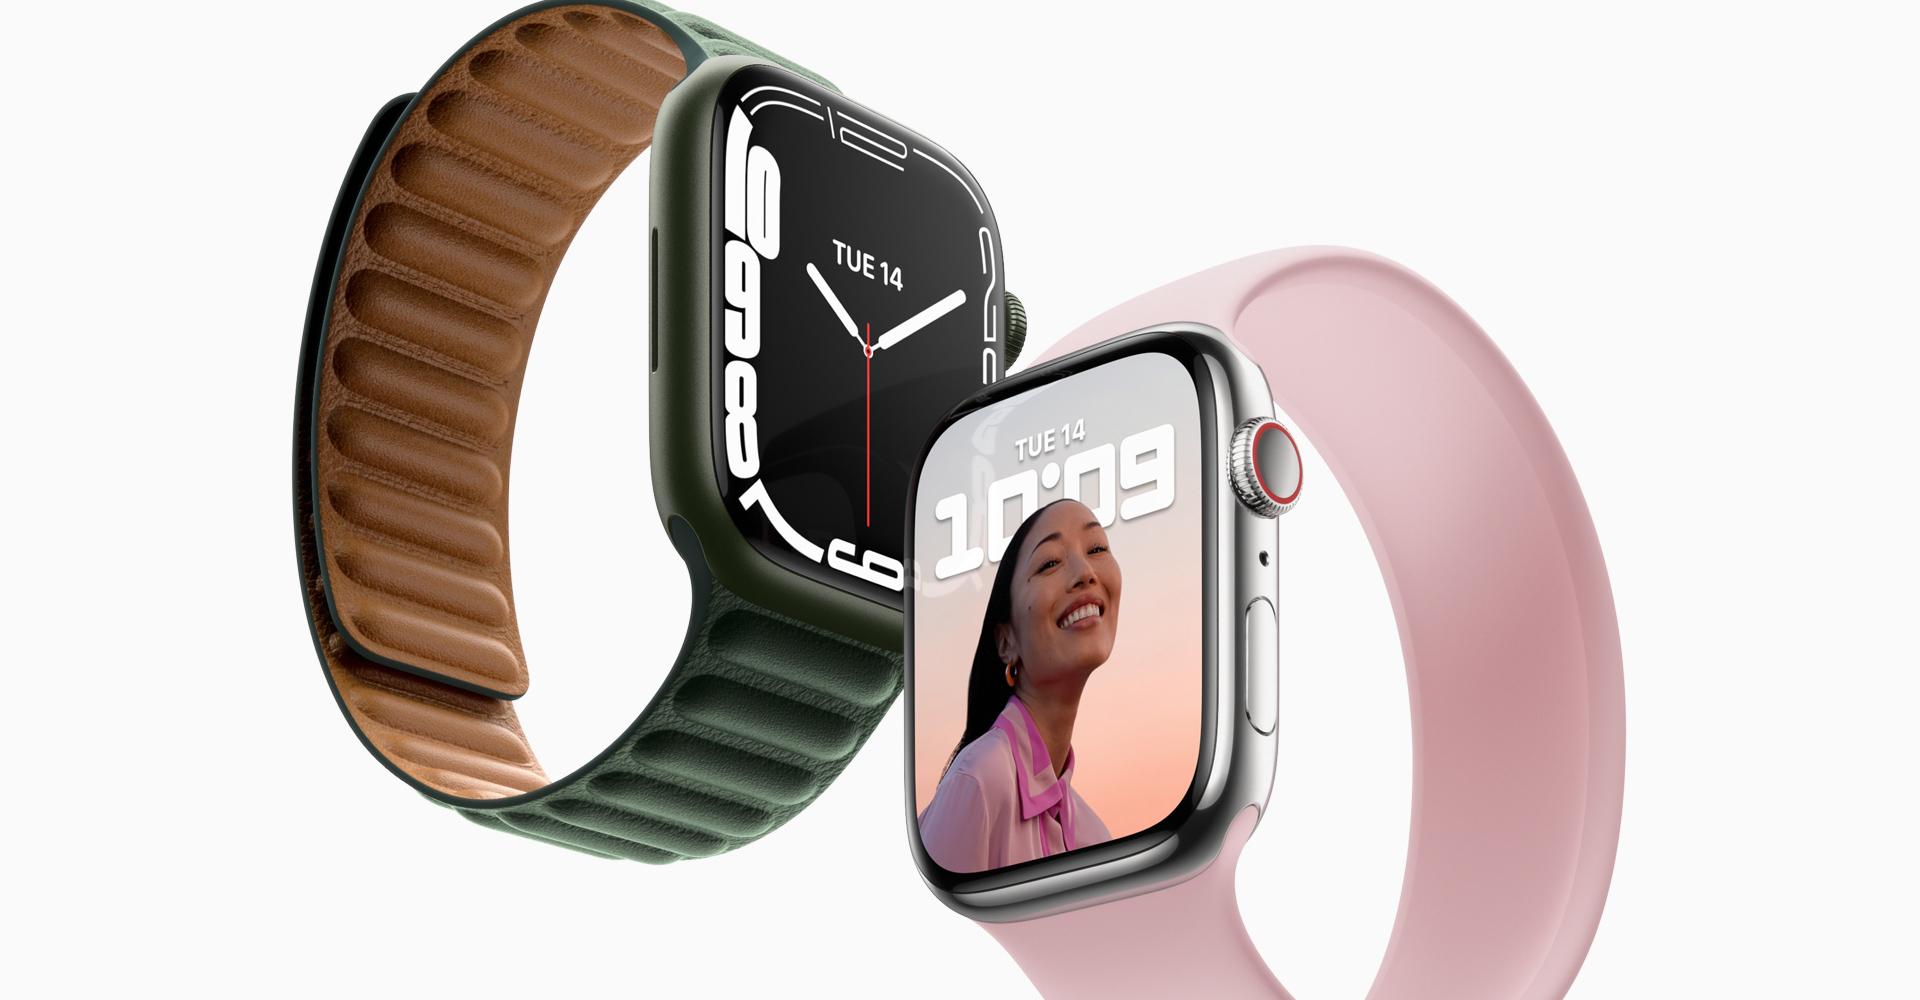 Apple Watch 7 in zwei Farben vor weißem Hintergrund